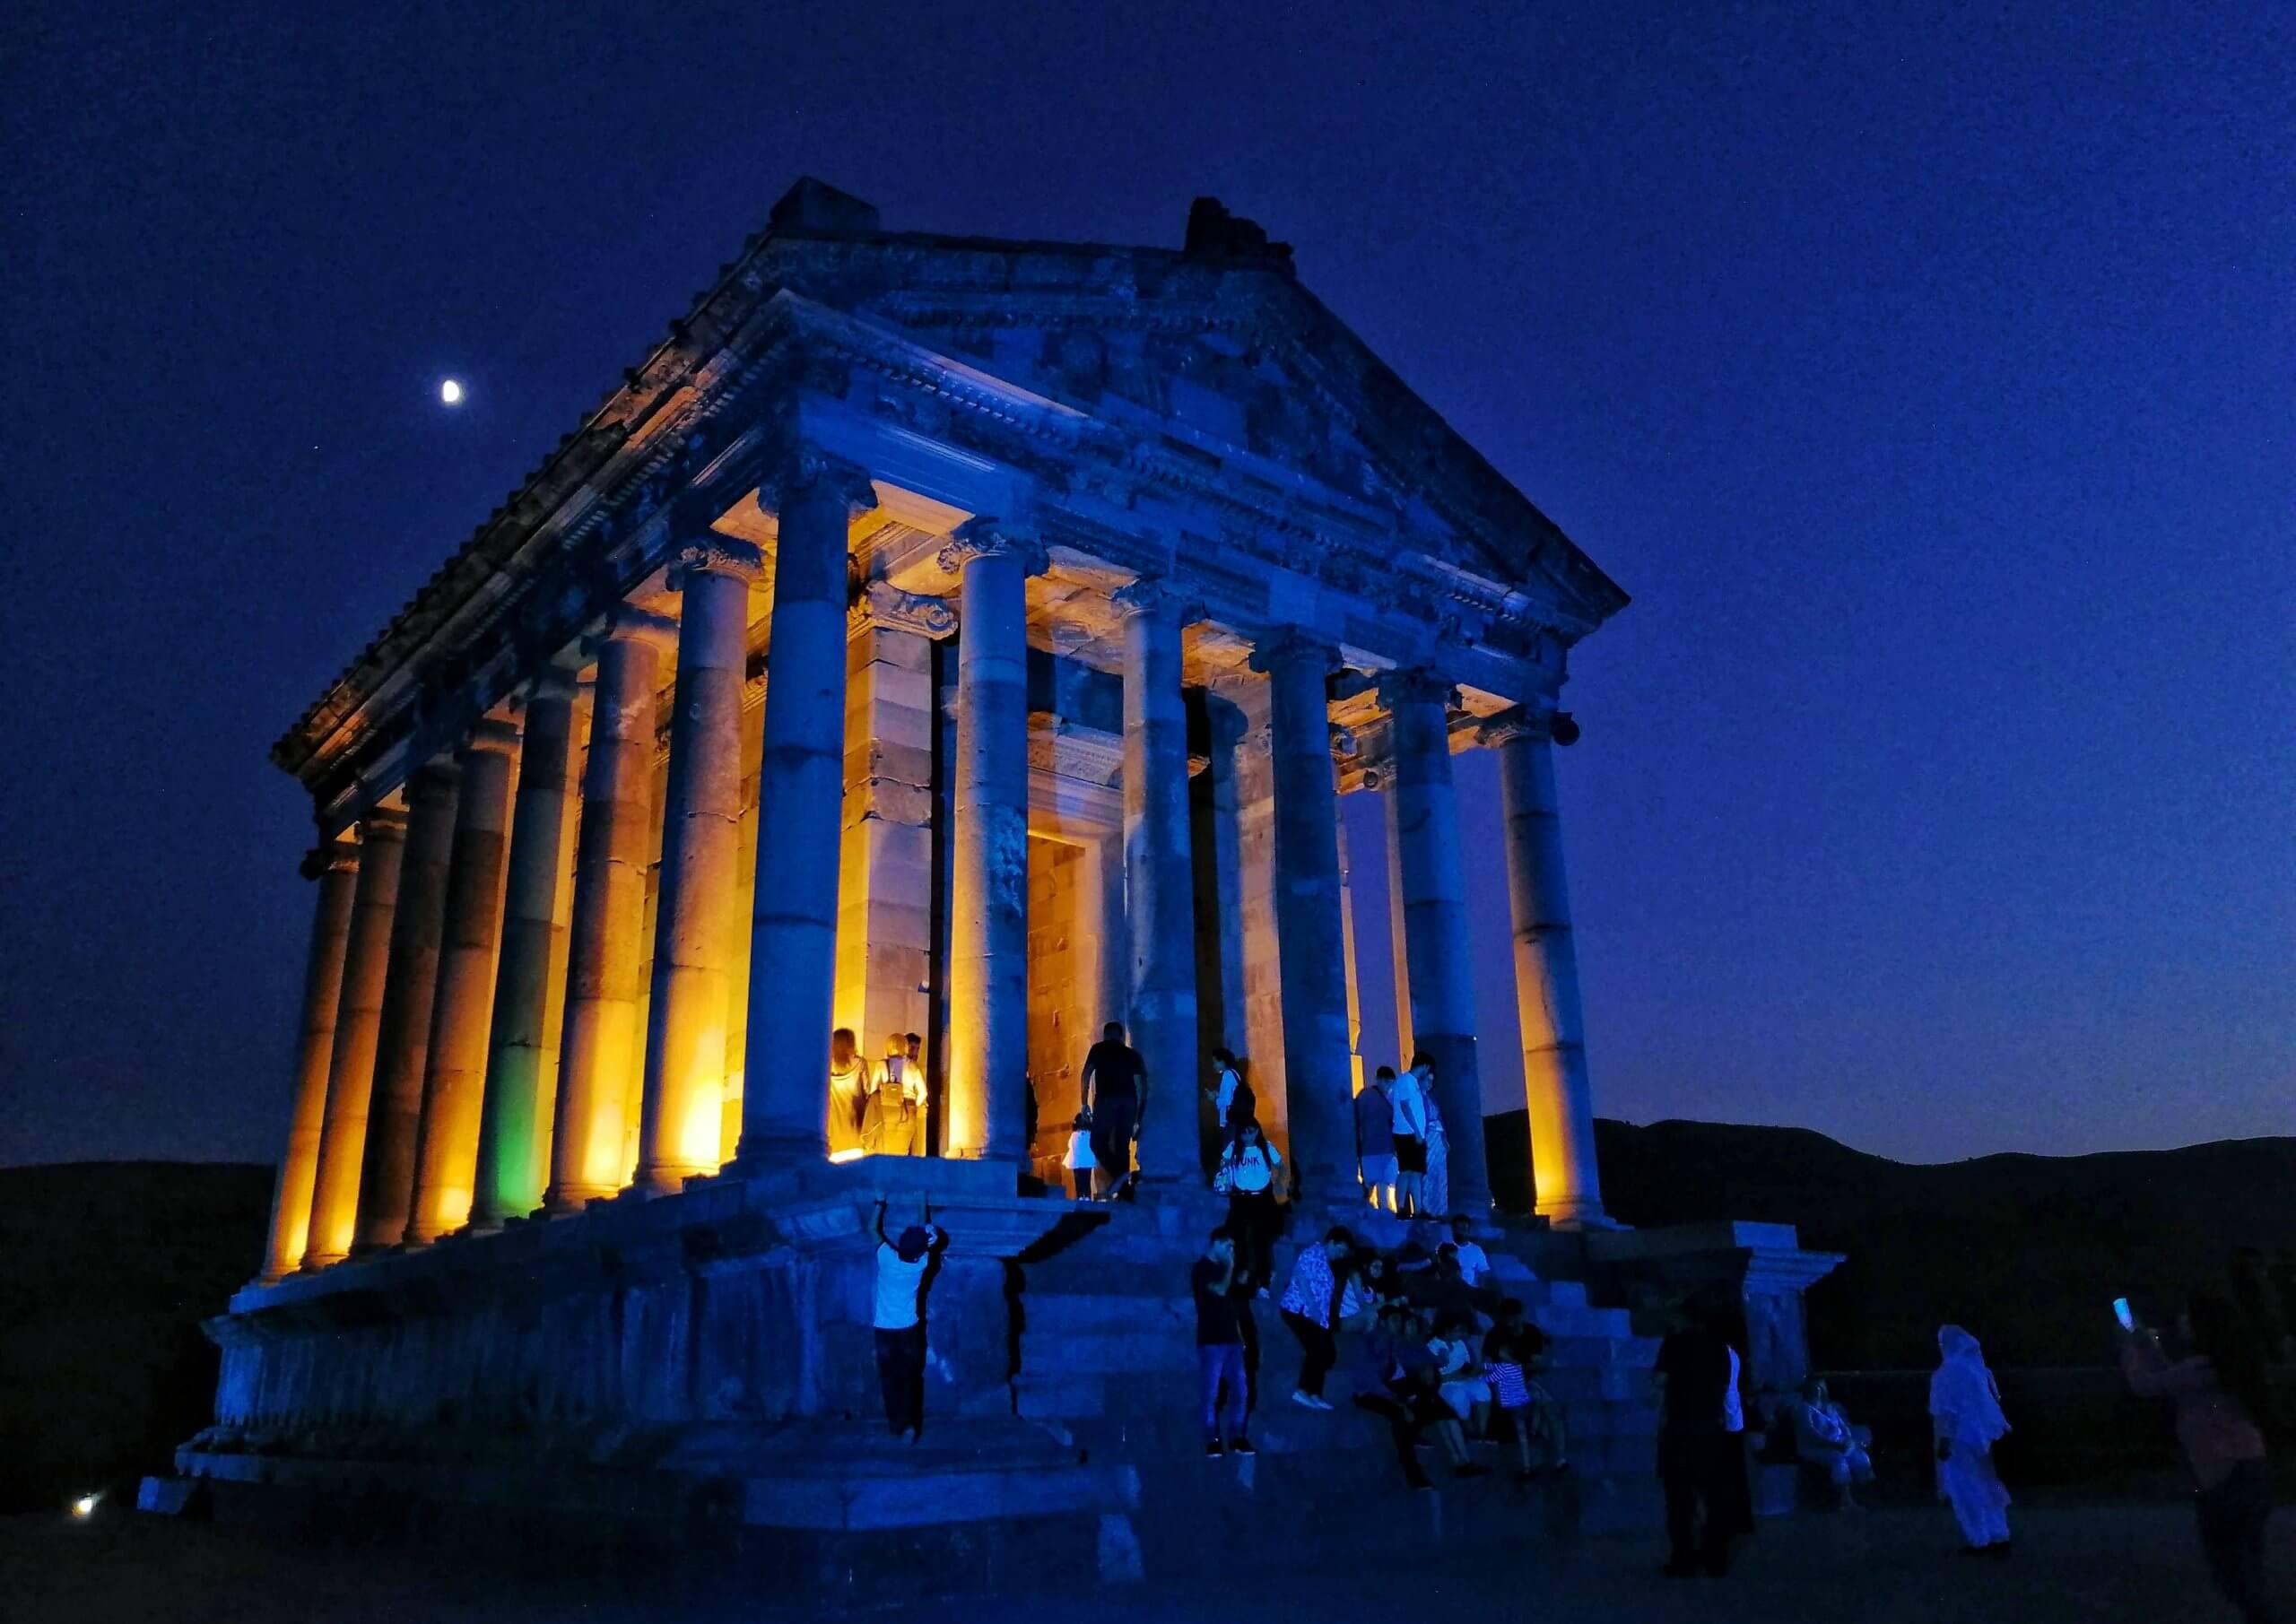 エレバン:夜のガルニ神殿